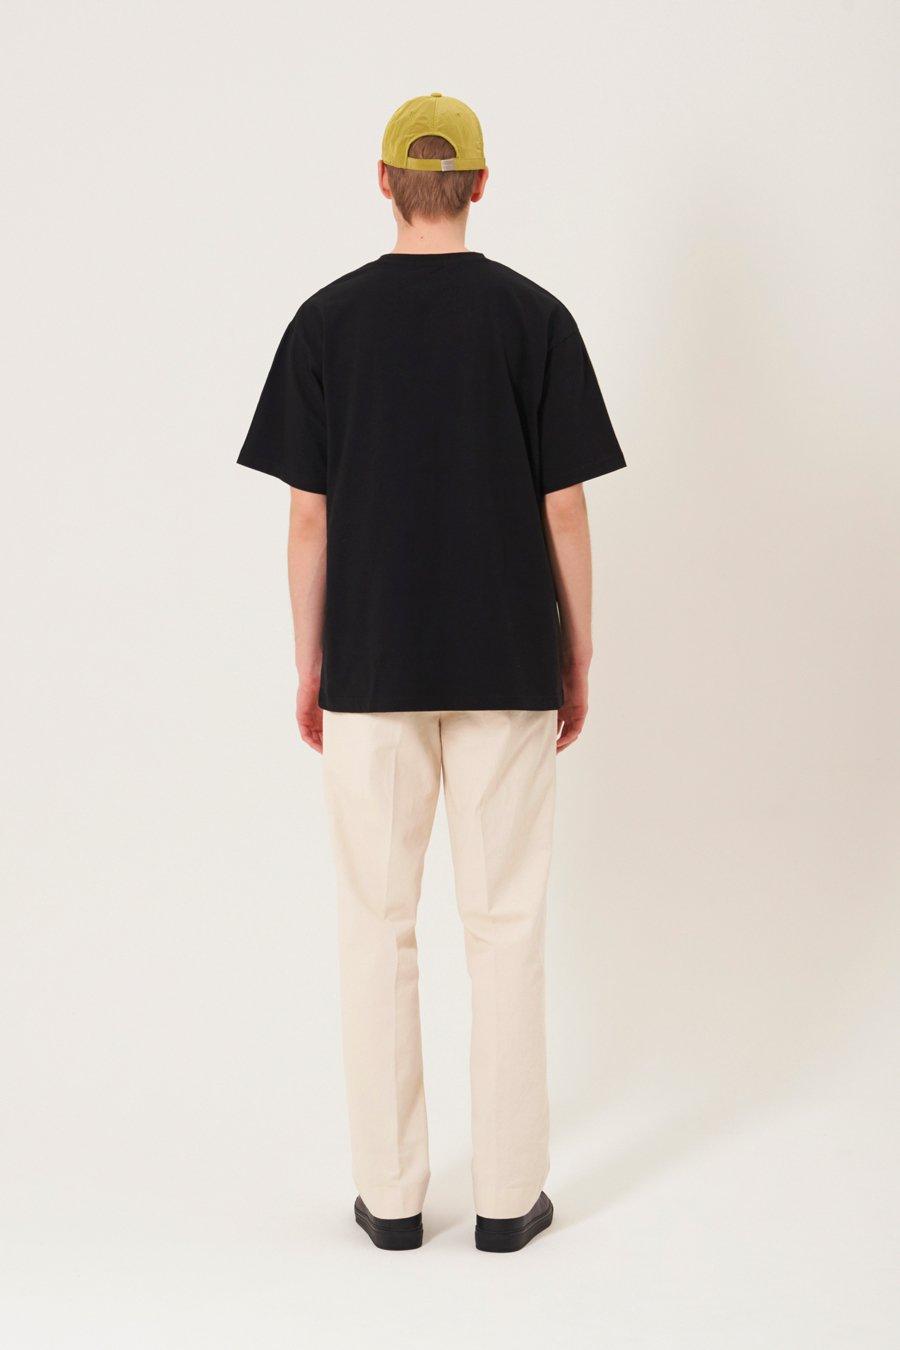 인사일런스(IN SILENCE) 카피라이트 로고 티셔츠 WHITE